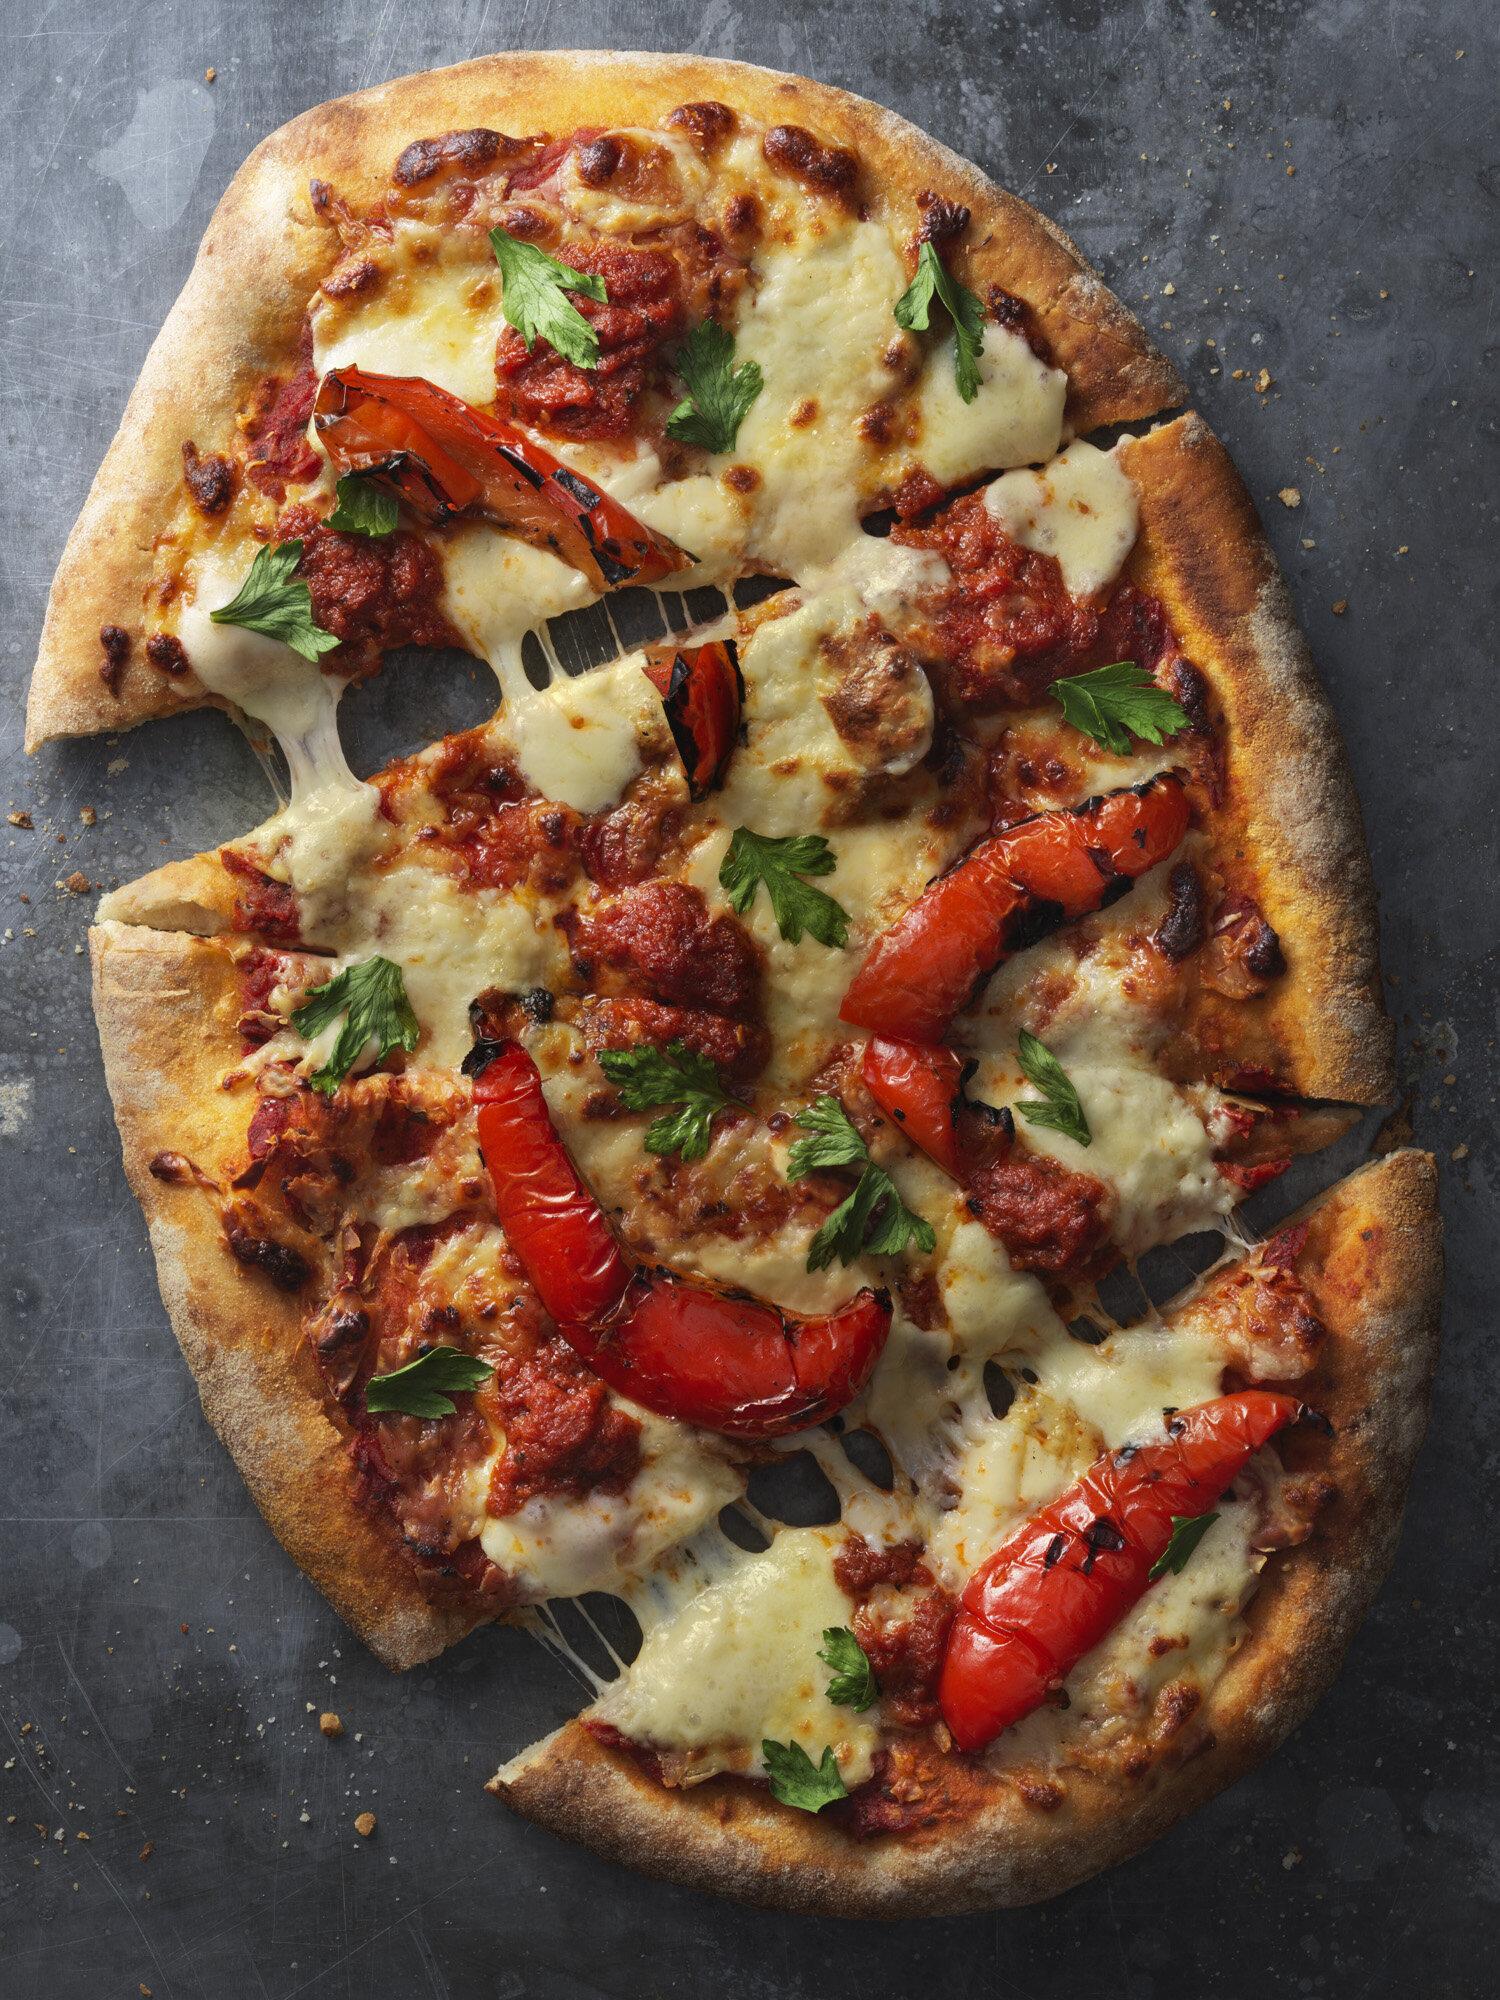 KHB3618_Waitrose_No.1_Pizza_R5_RGB.jpg